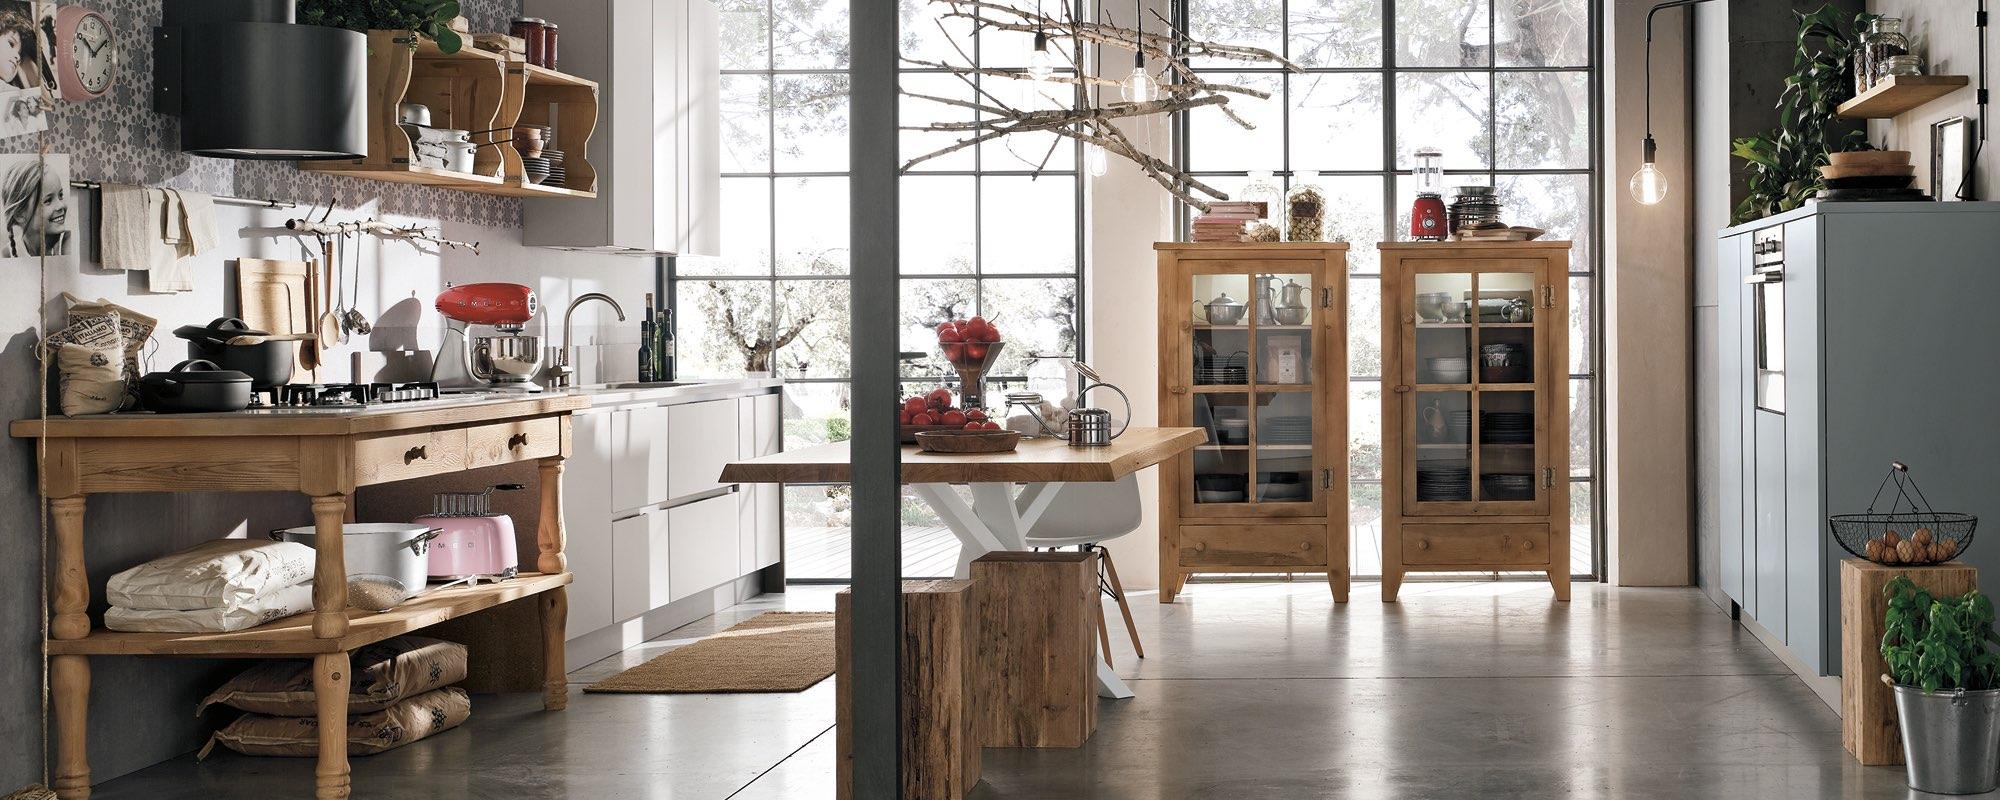 vista di una cucina creativa in stile di legno con due vetrine in legno -Maya